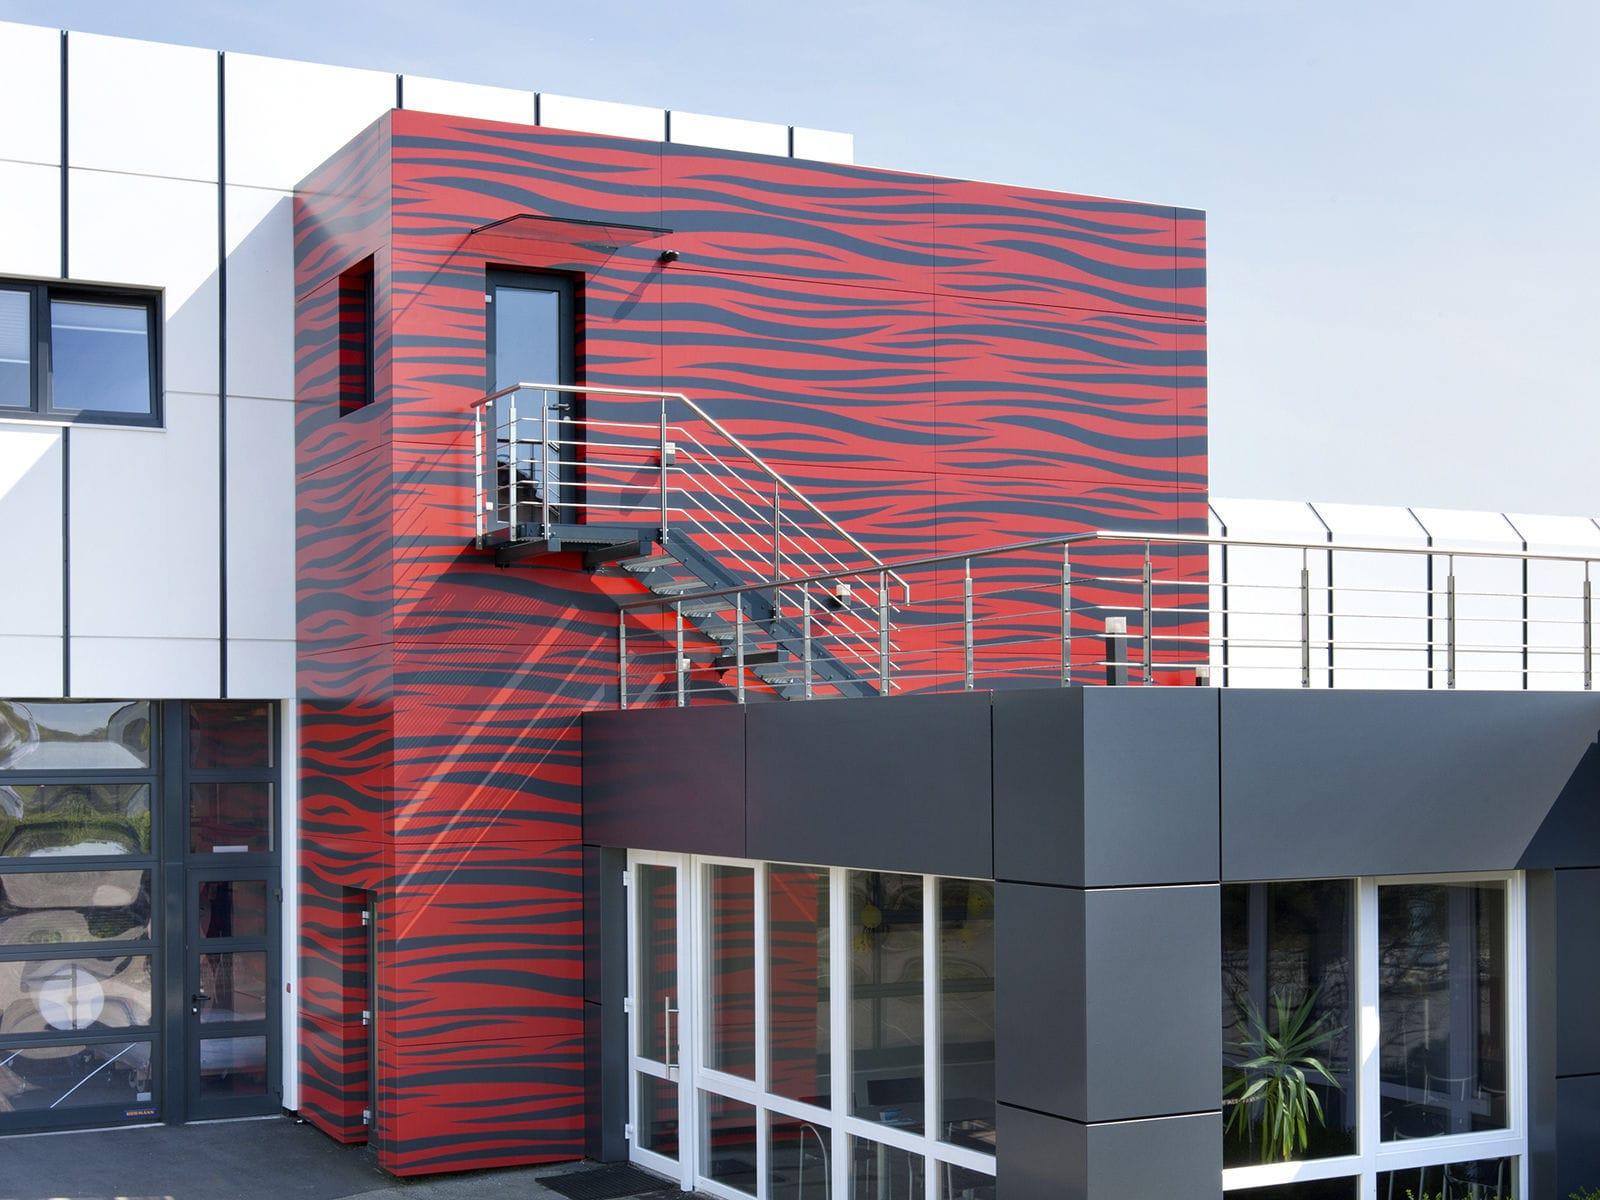 tanger tétouan aluminium-composite-panel-alucobond maroc industrie publicitaire